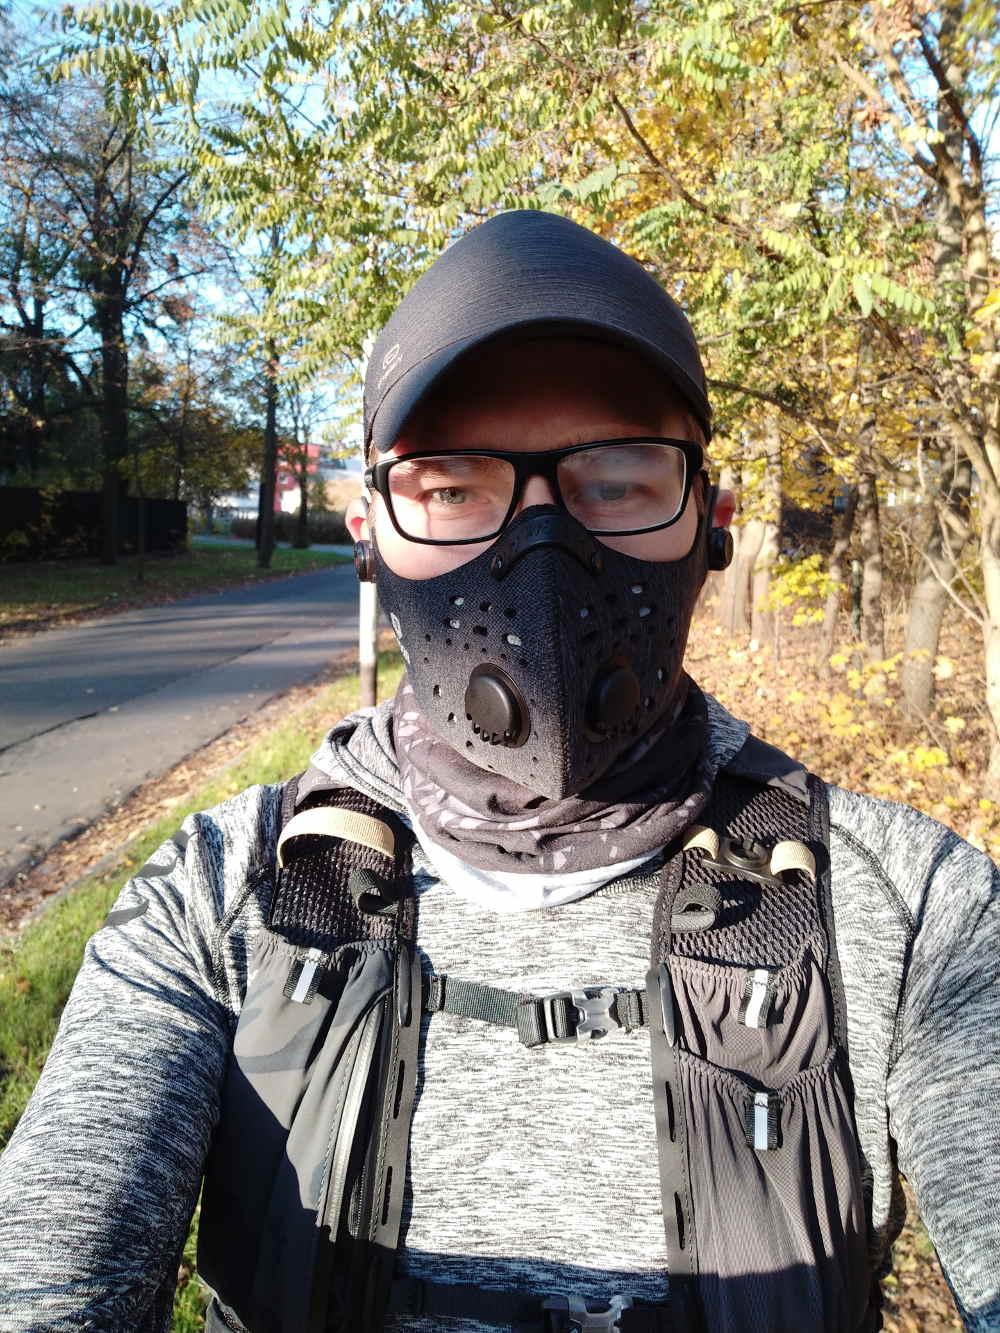 maska antysmogowa dla biegacza